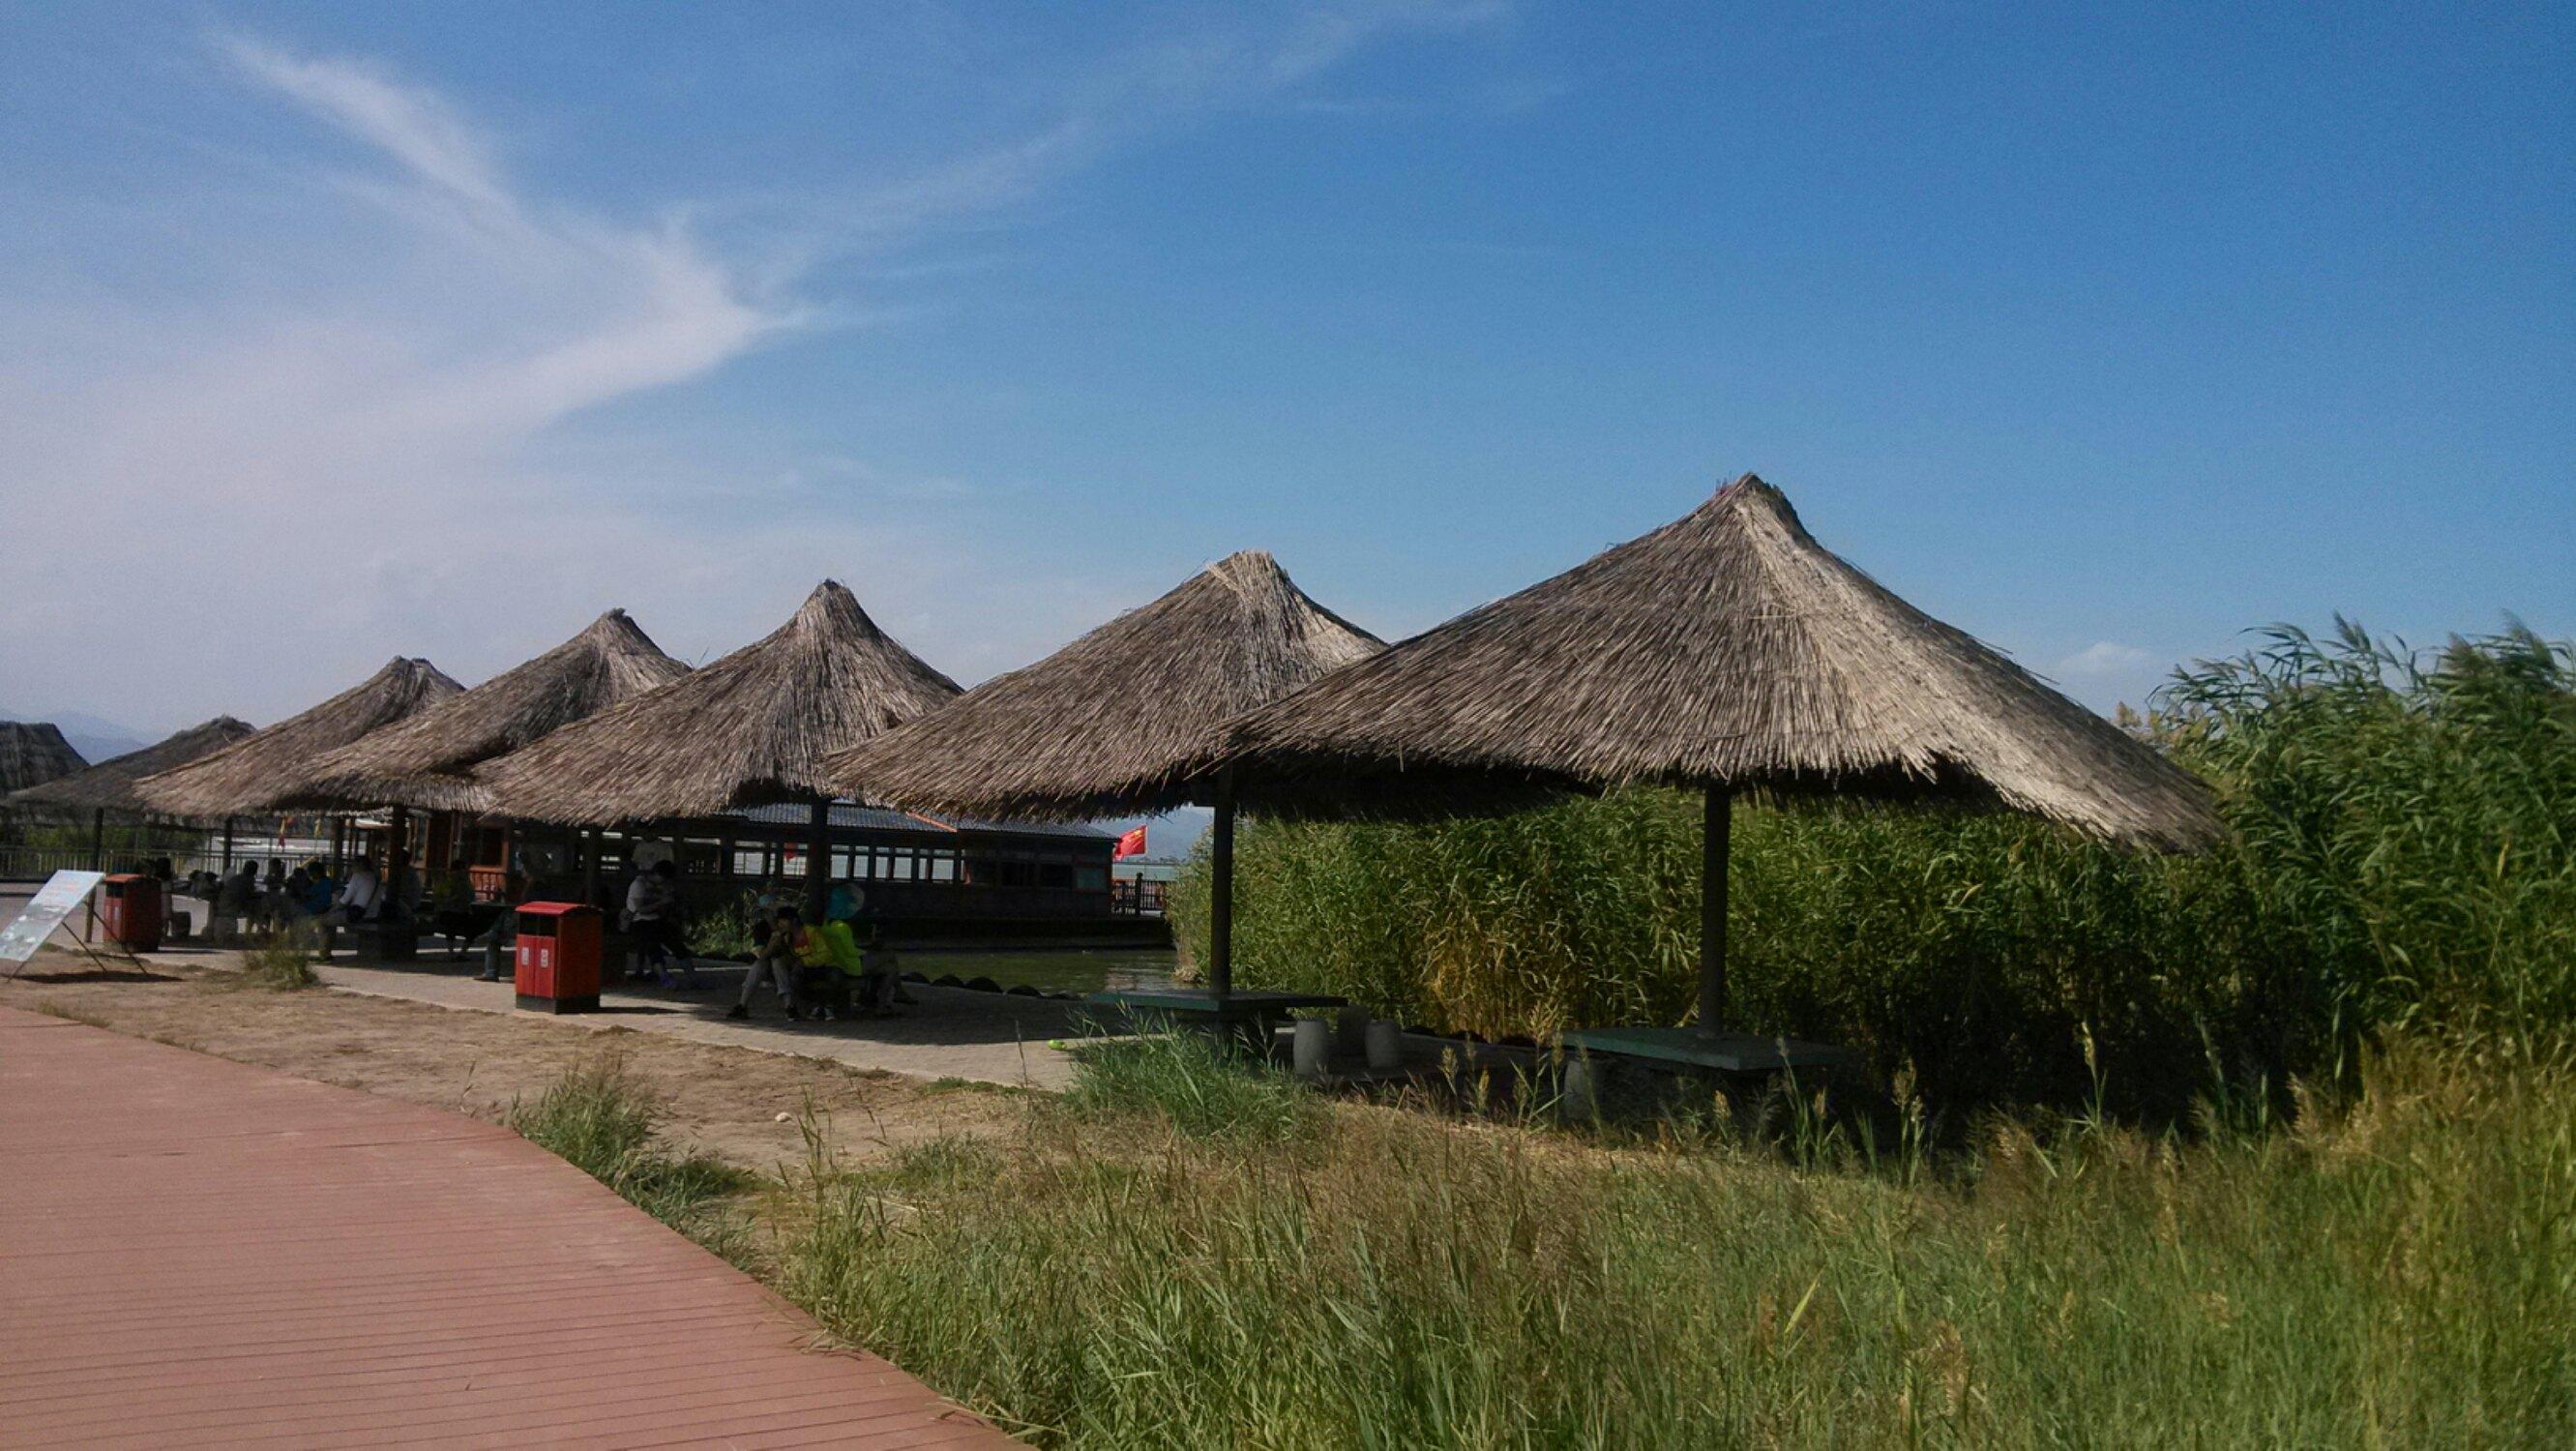 亦庄鸣银川湿地别墅公园棠国家翠湖颂图片